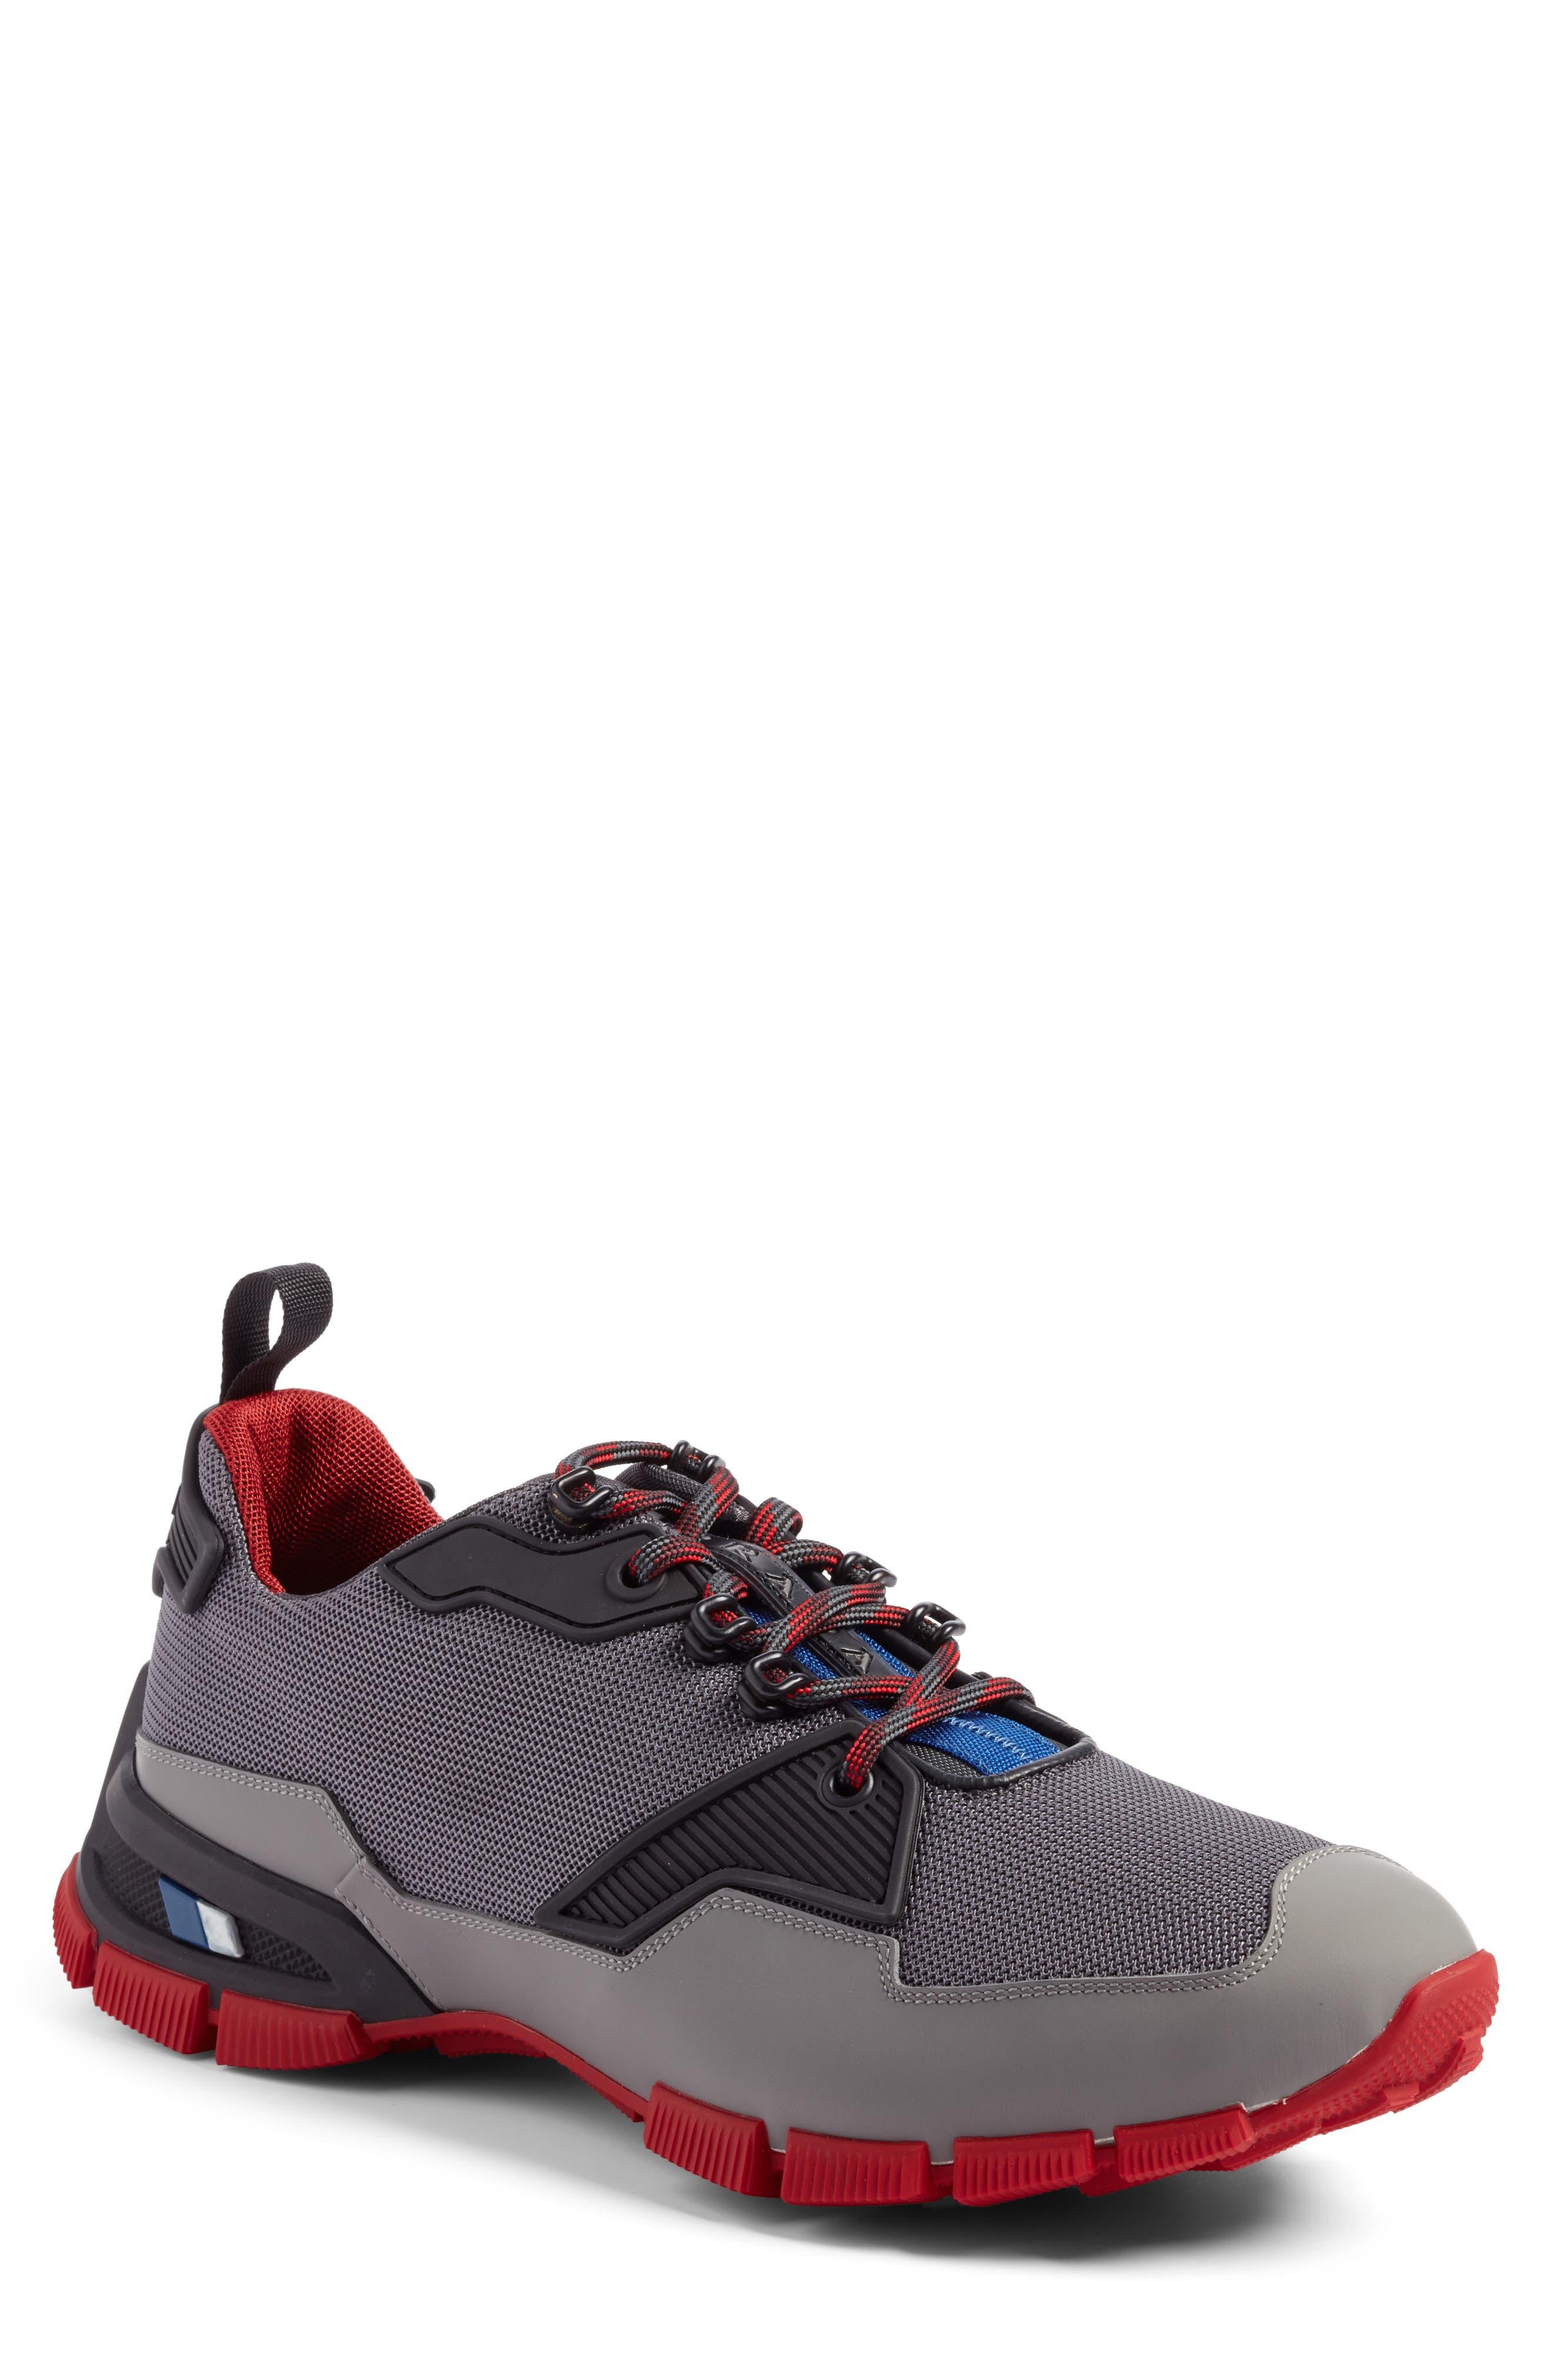 PRADA LINEA ROSSA Tech Lug Sneaker